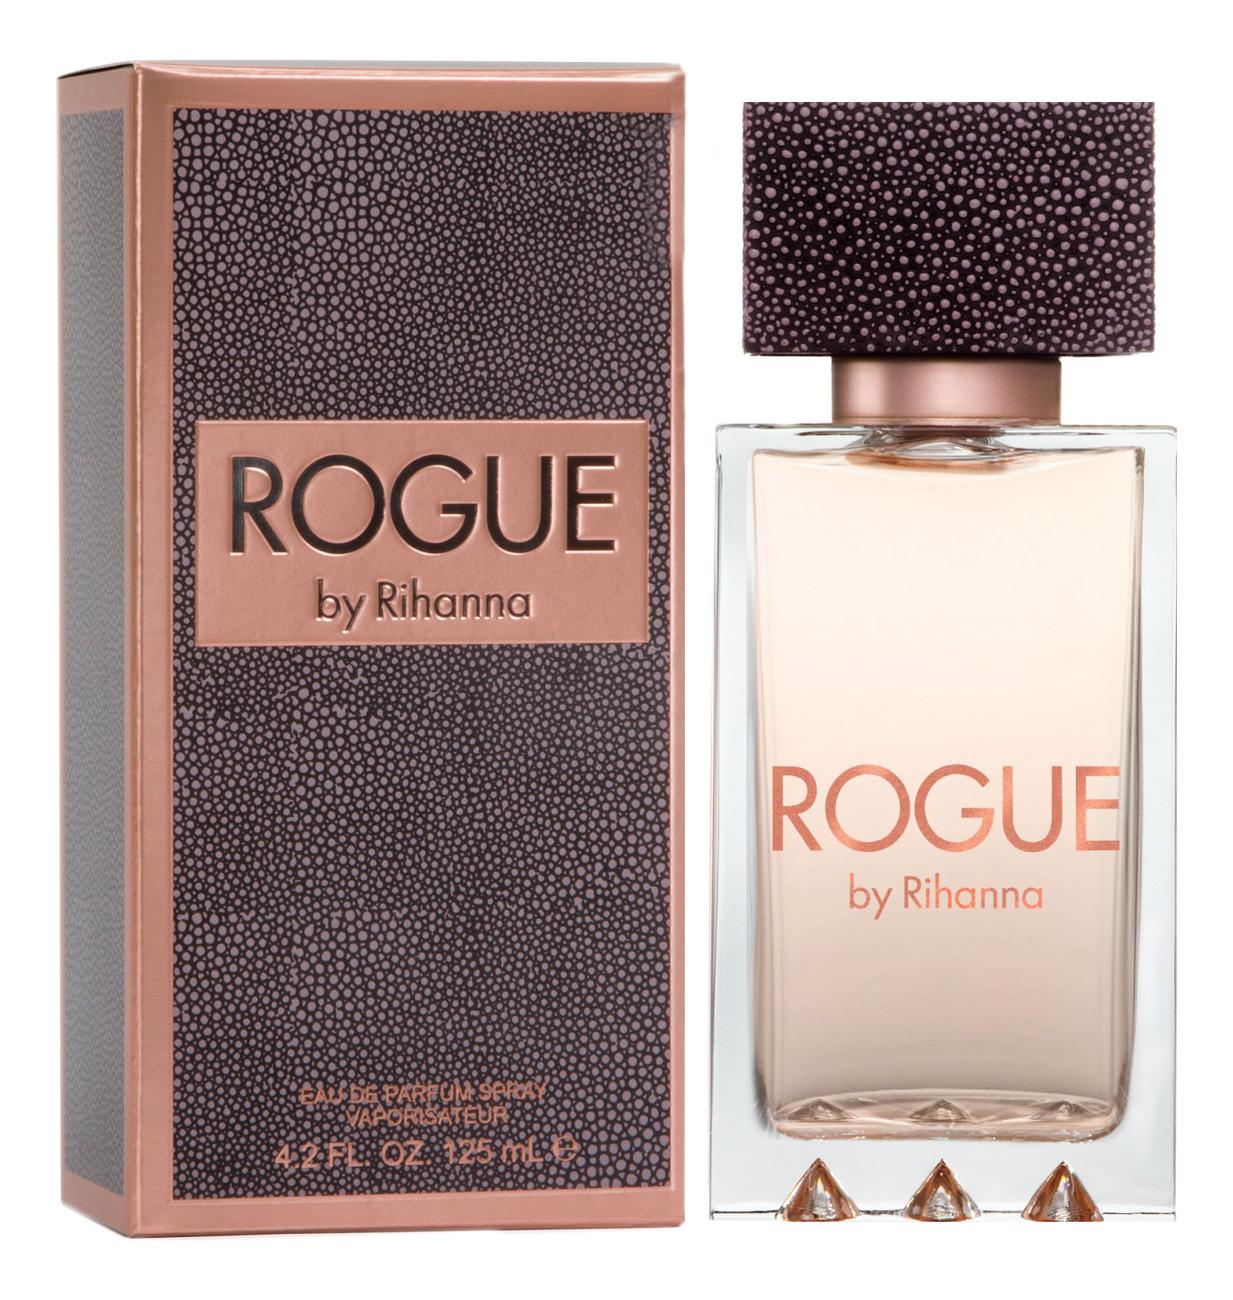 Rogue: парфюмерная вода 125мл, Rihanna  - Купить